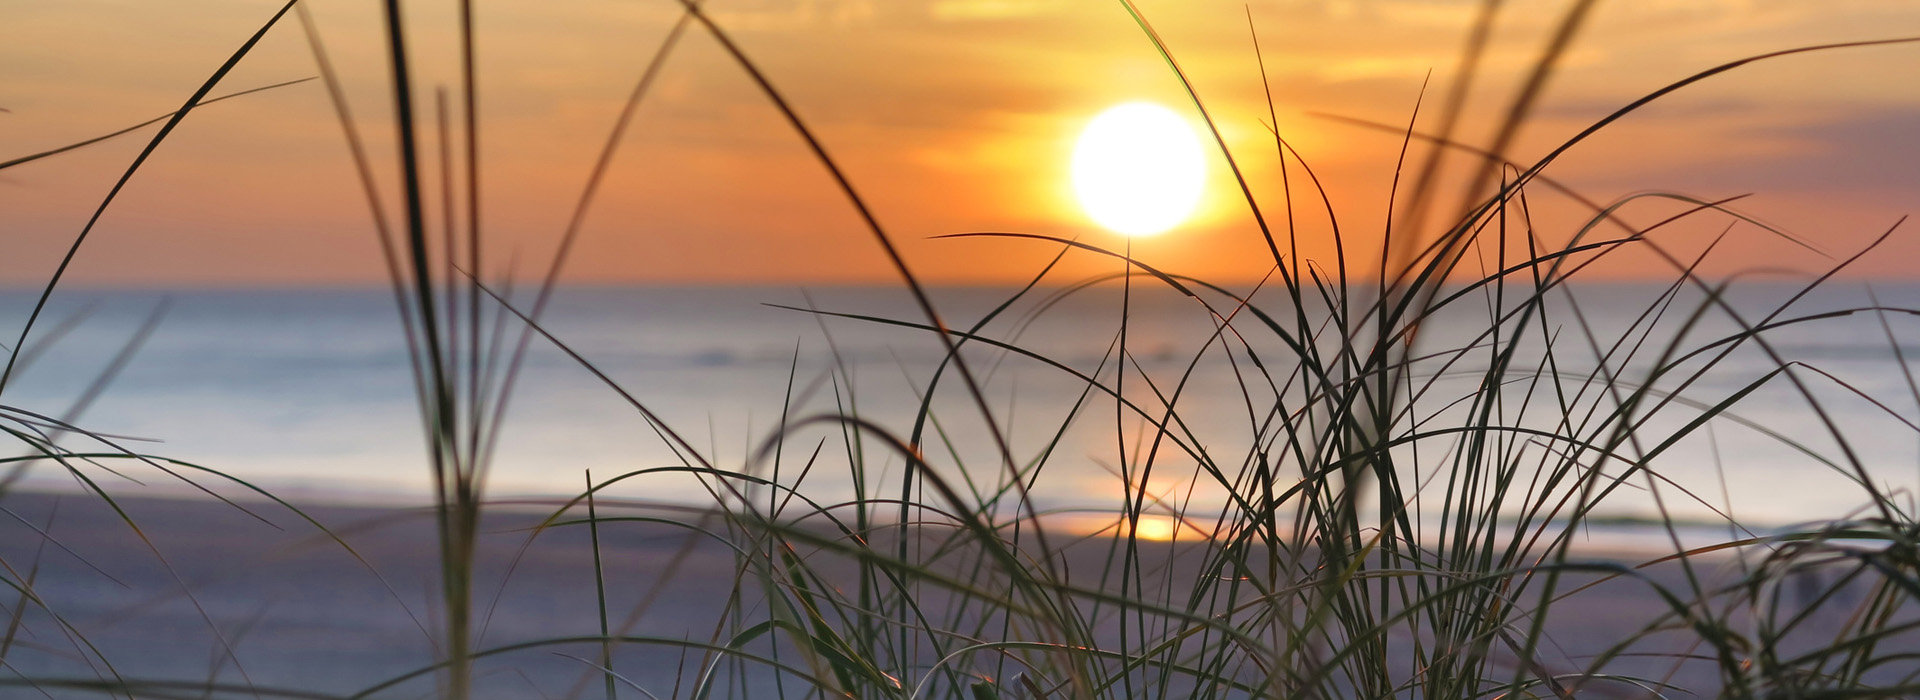 Foto Abendstimmung: Sonnenuntergang am Meer